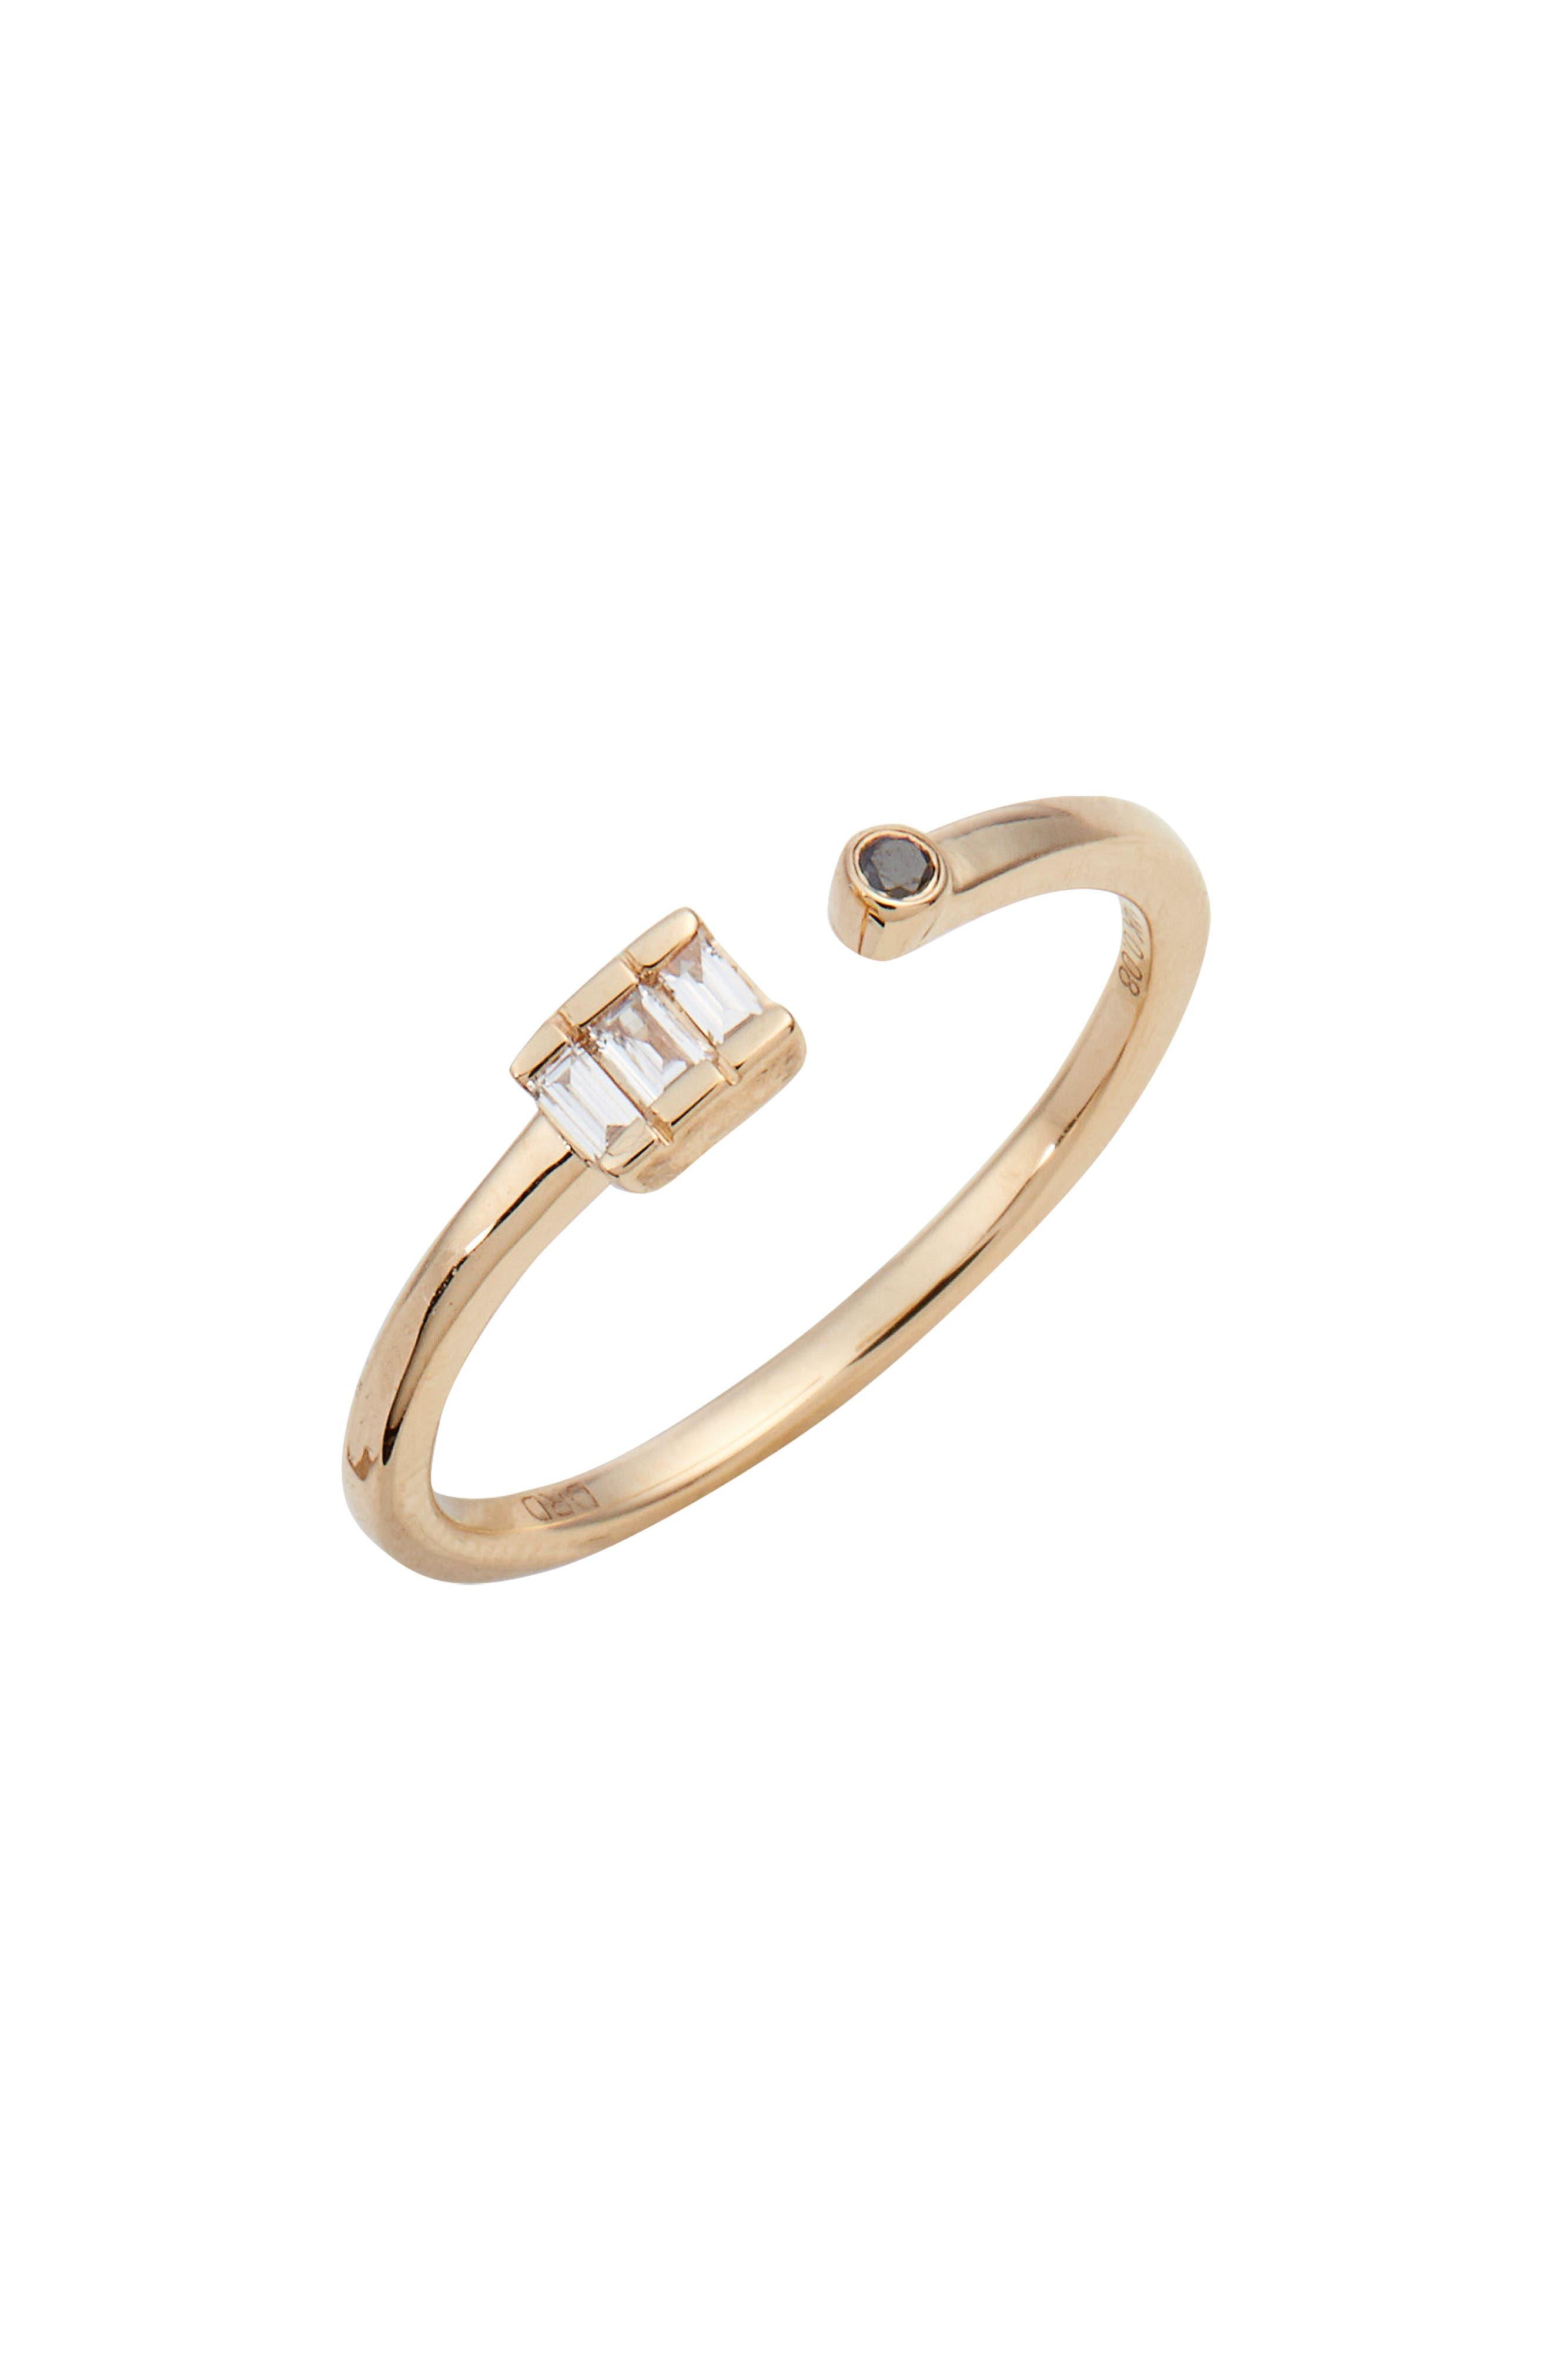 Main Image - Dana Rebecca Designs Sadie Diamond Bypass Ring